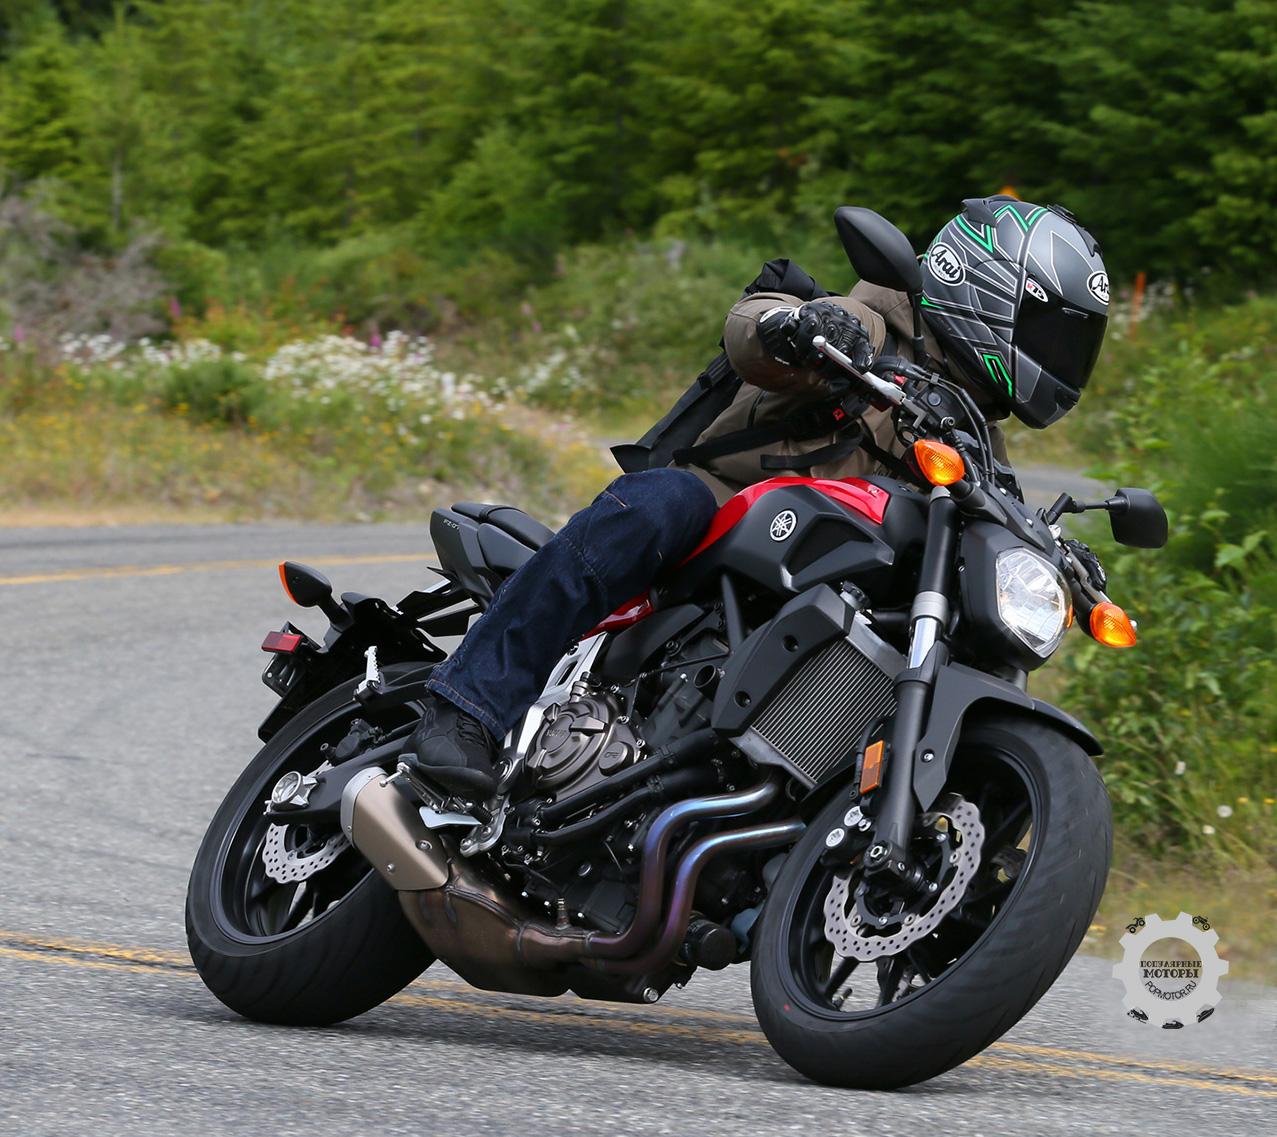 Первые фото мотоцикла YAMAHA FZ-07 2015